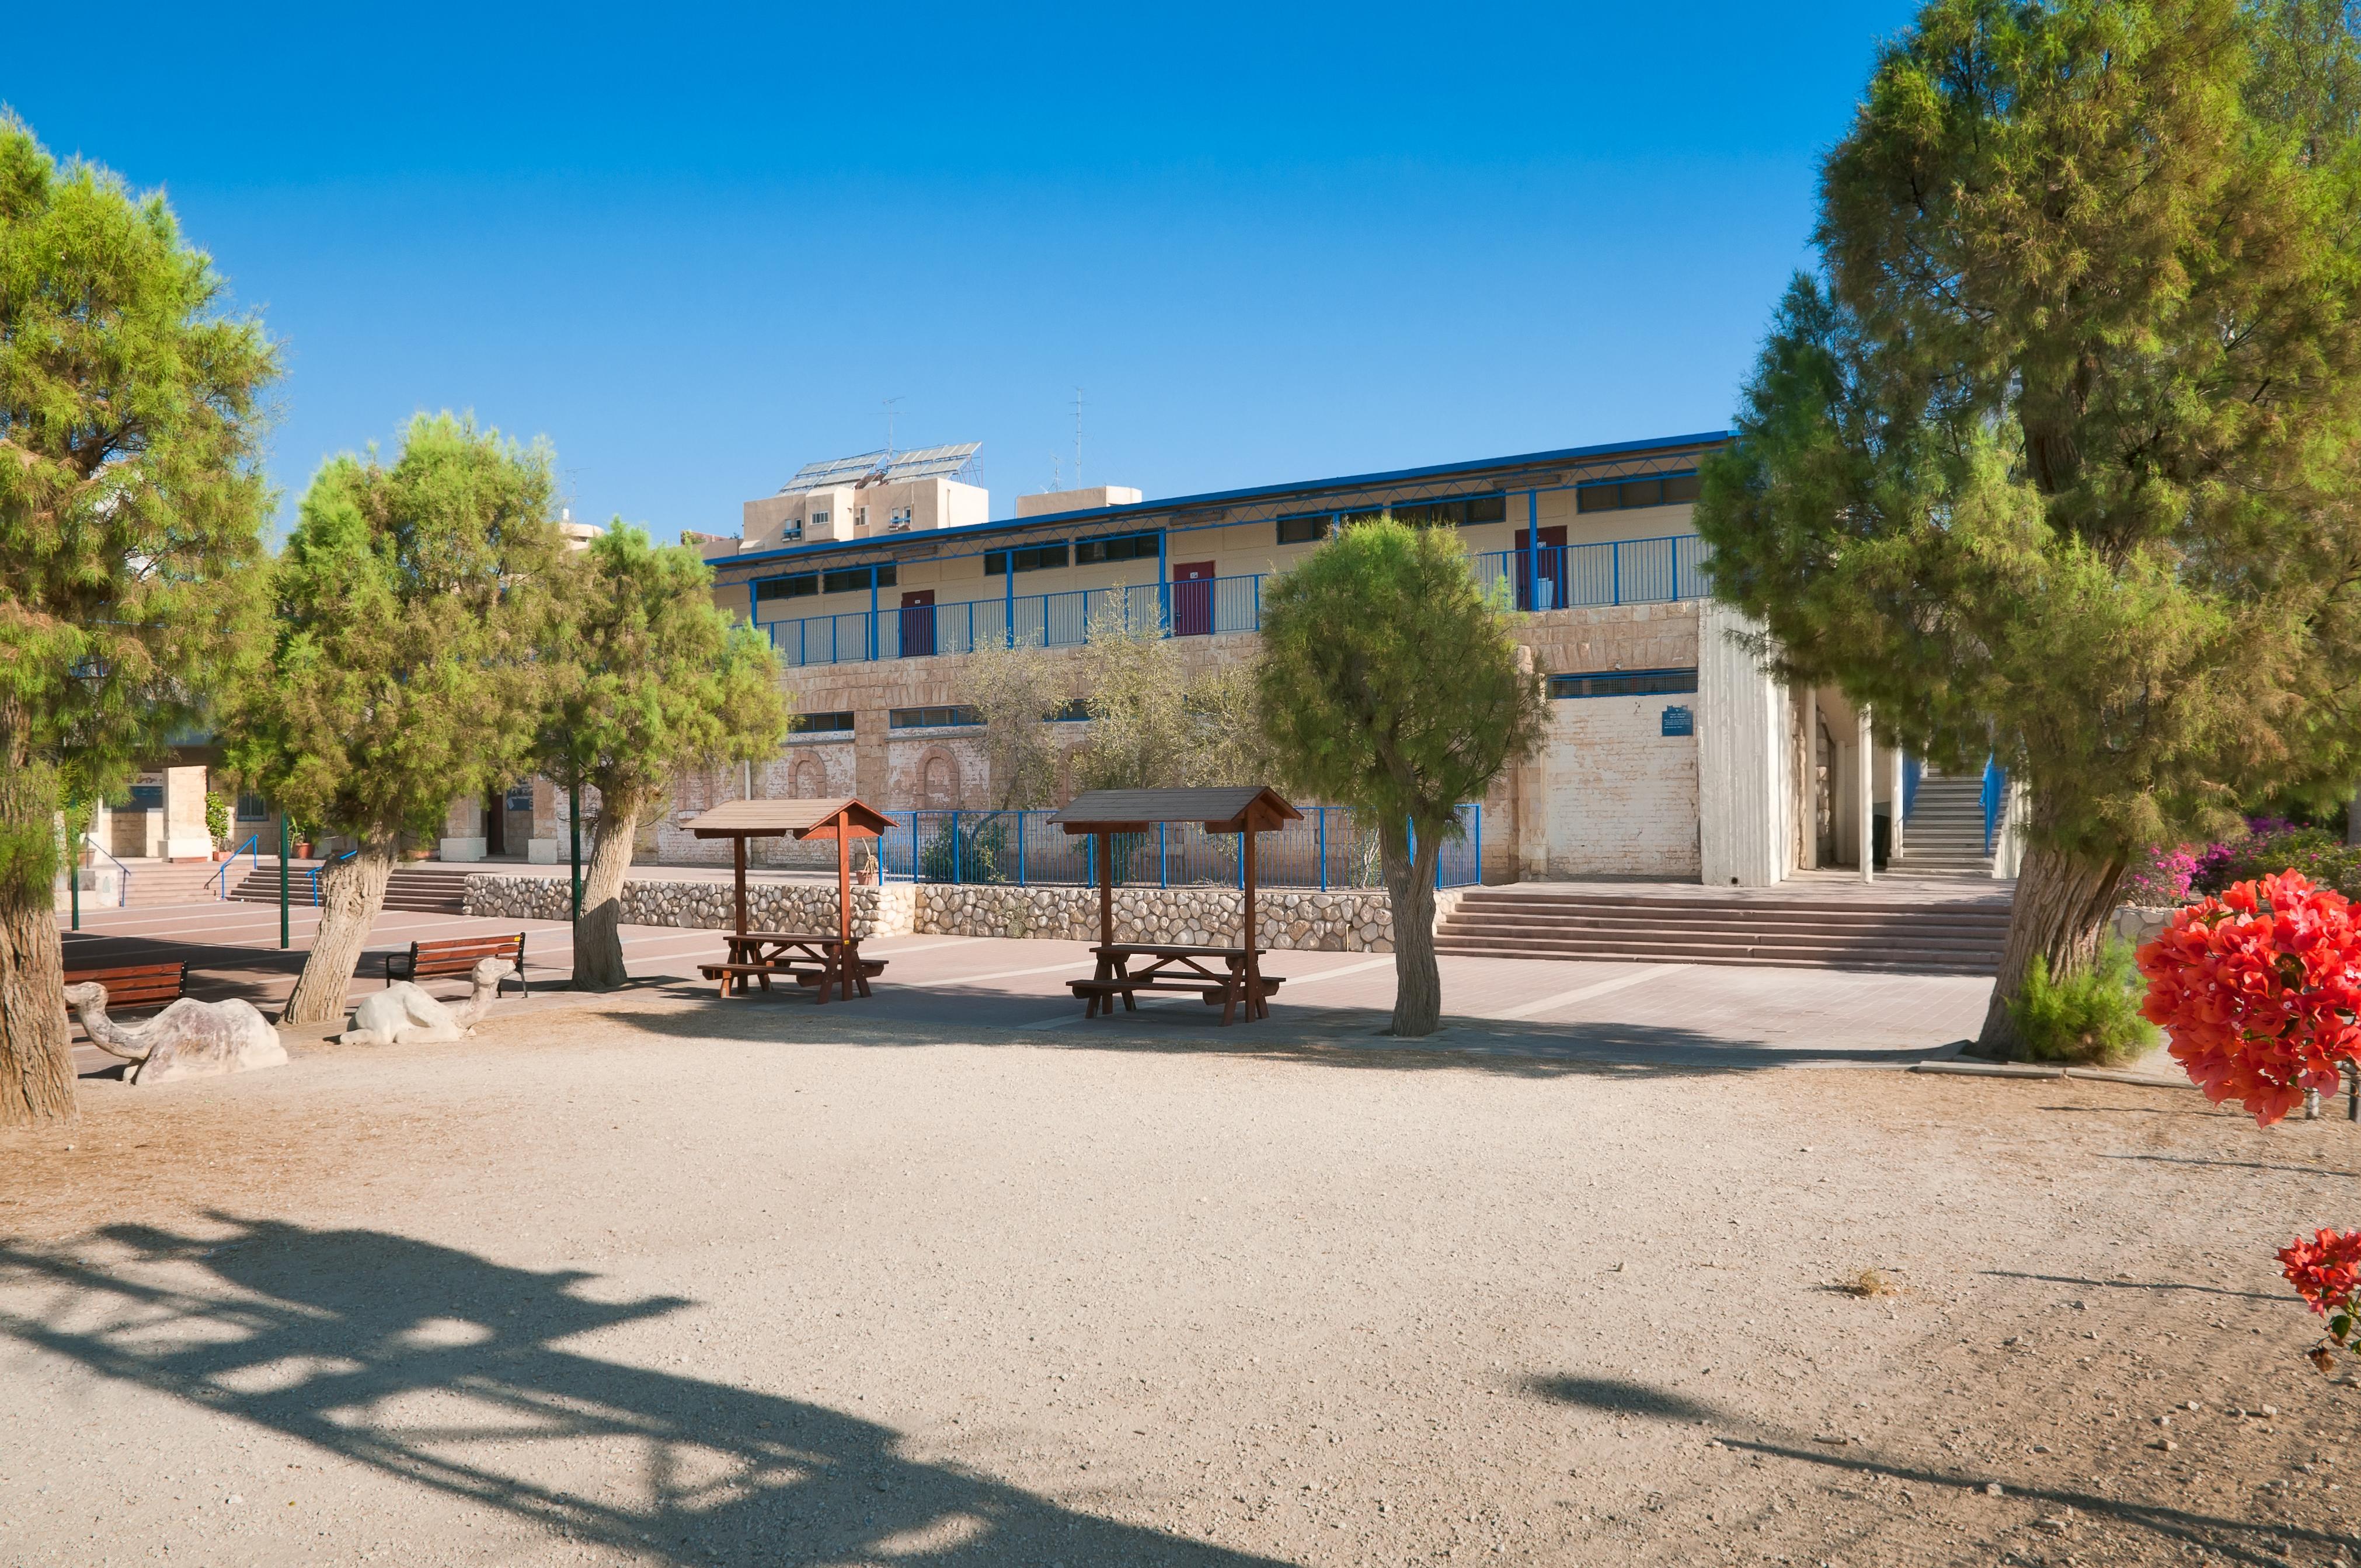 School for Bedouin sheikhs, in Beer-Sheva